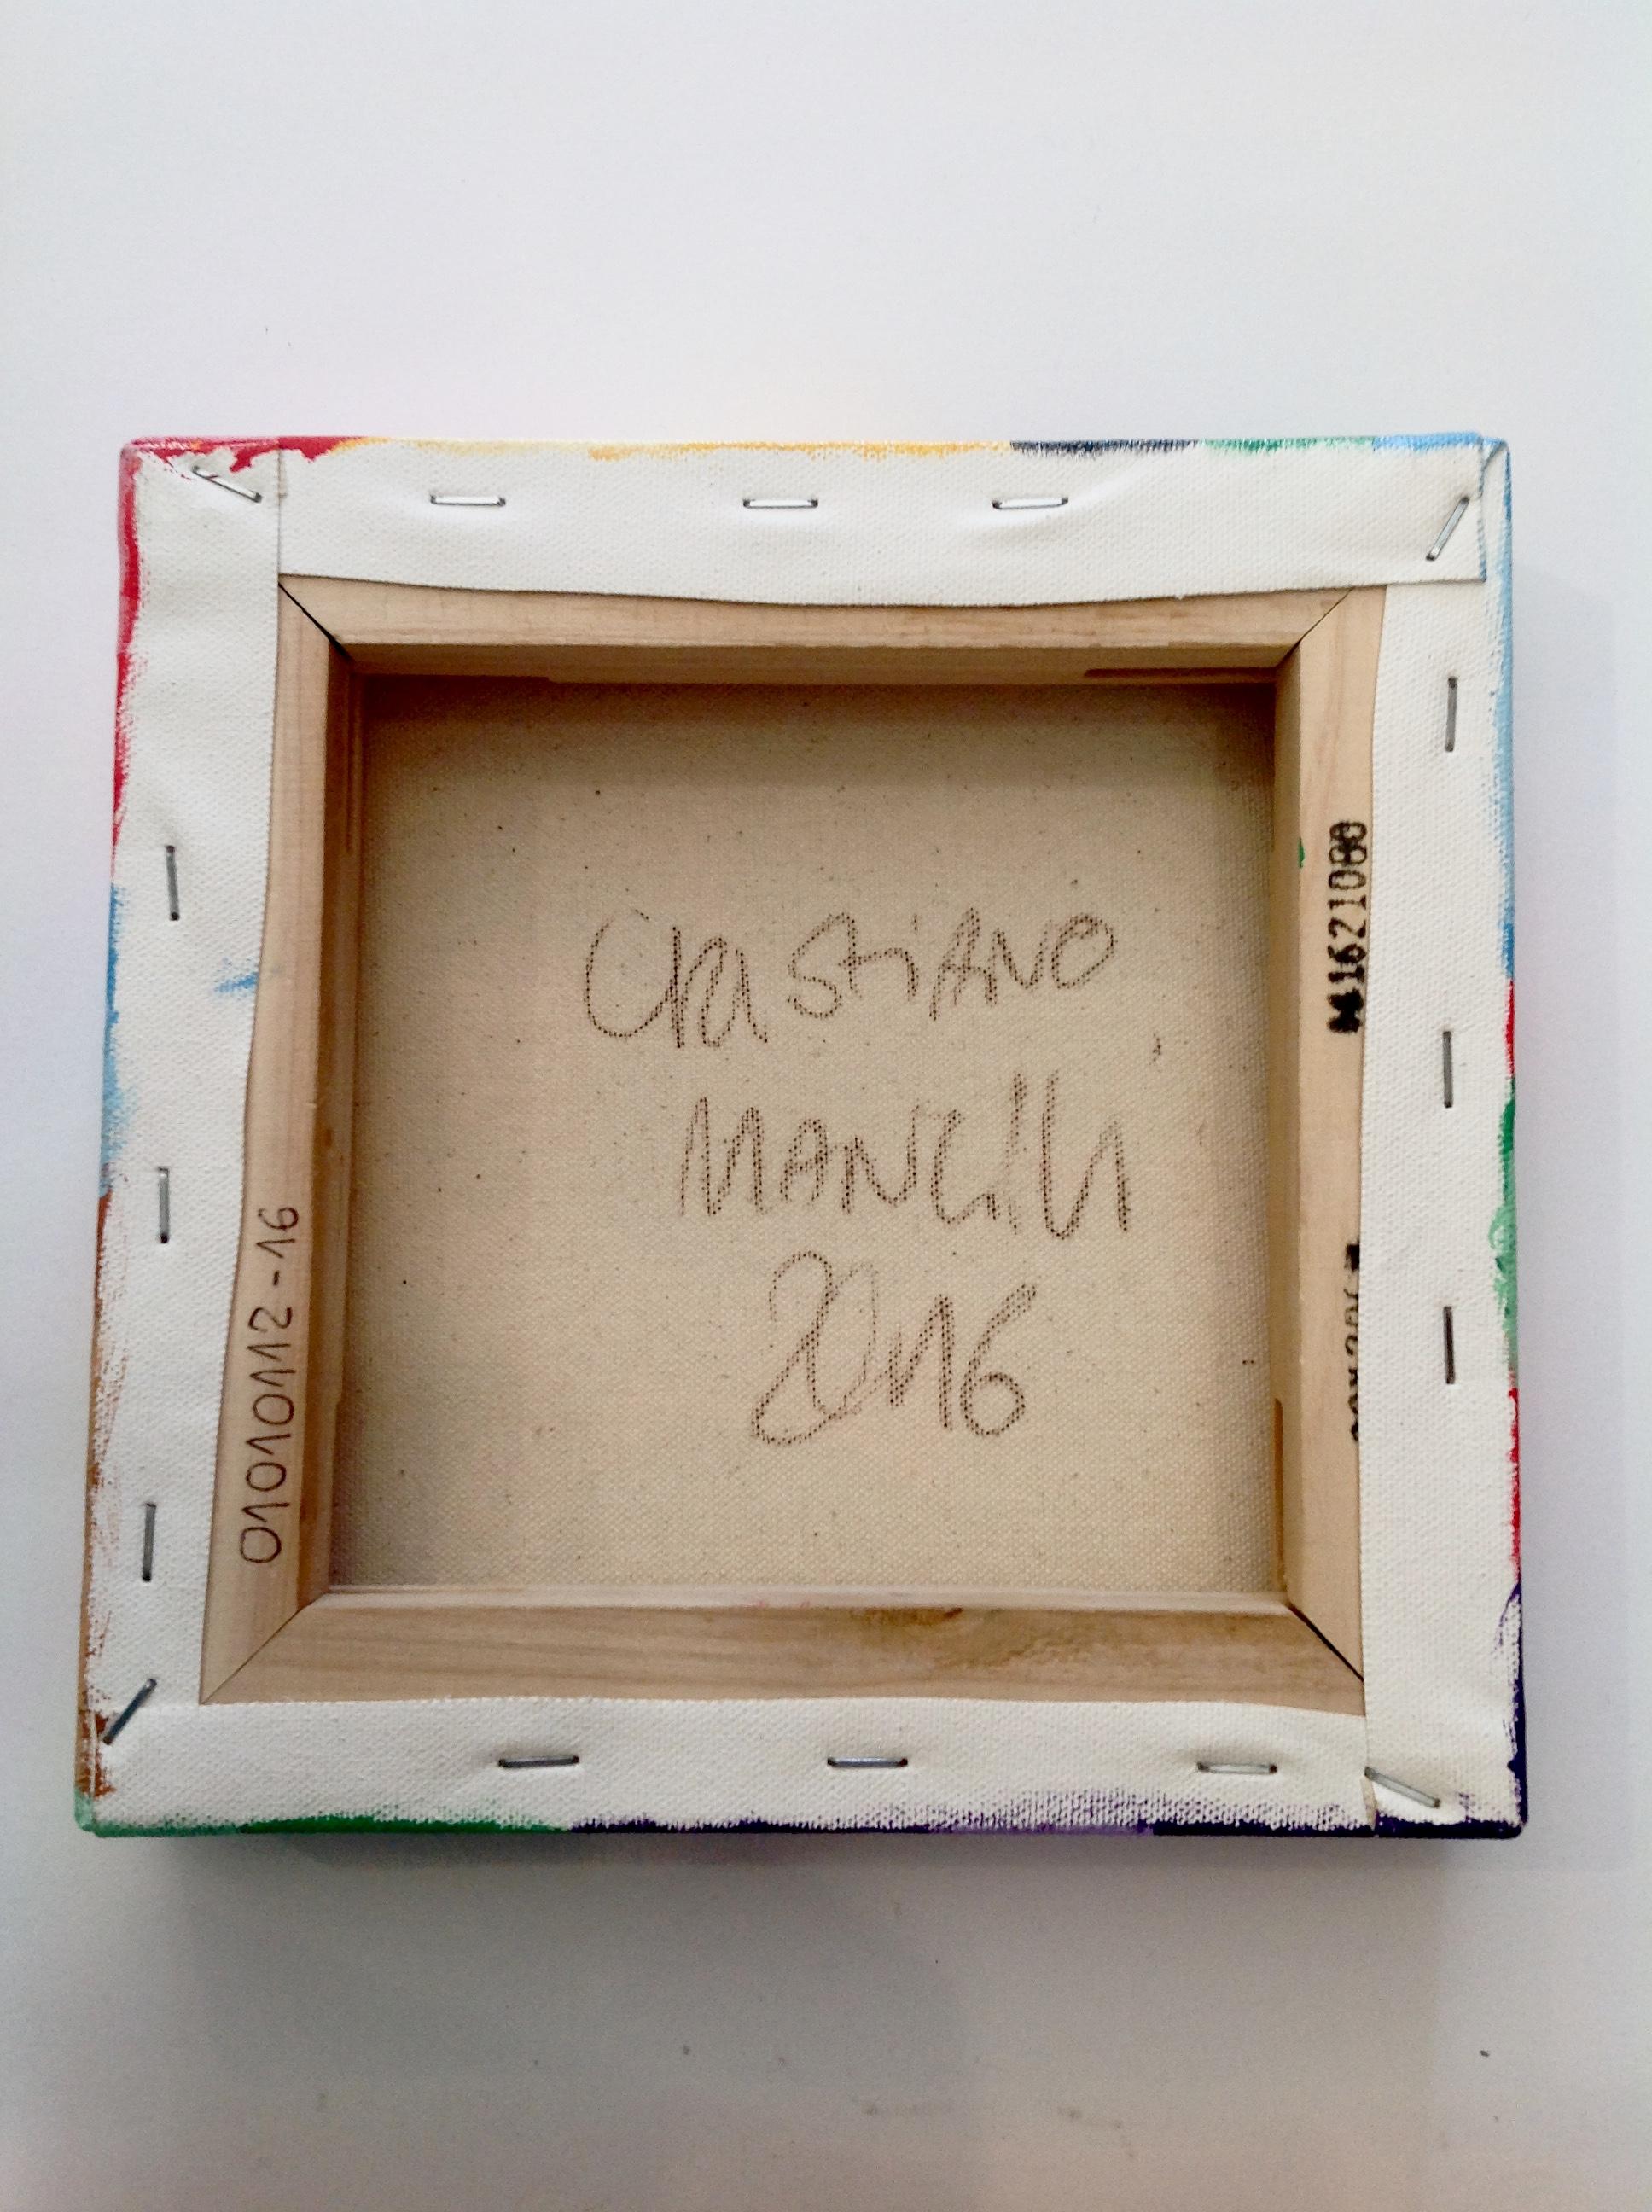 Cristiano Mancini acrilico su tela pattern #1